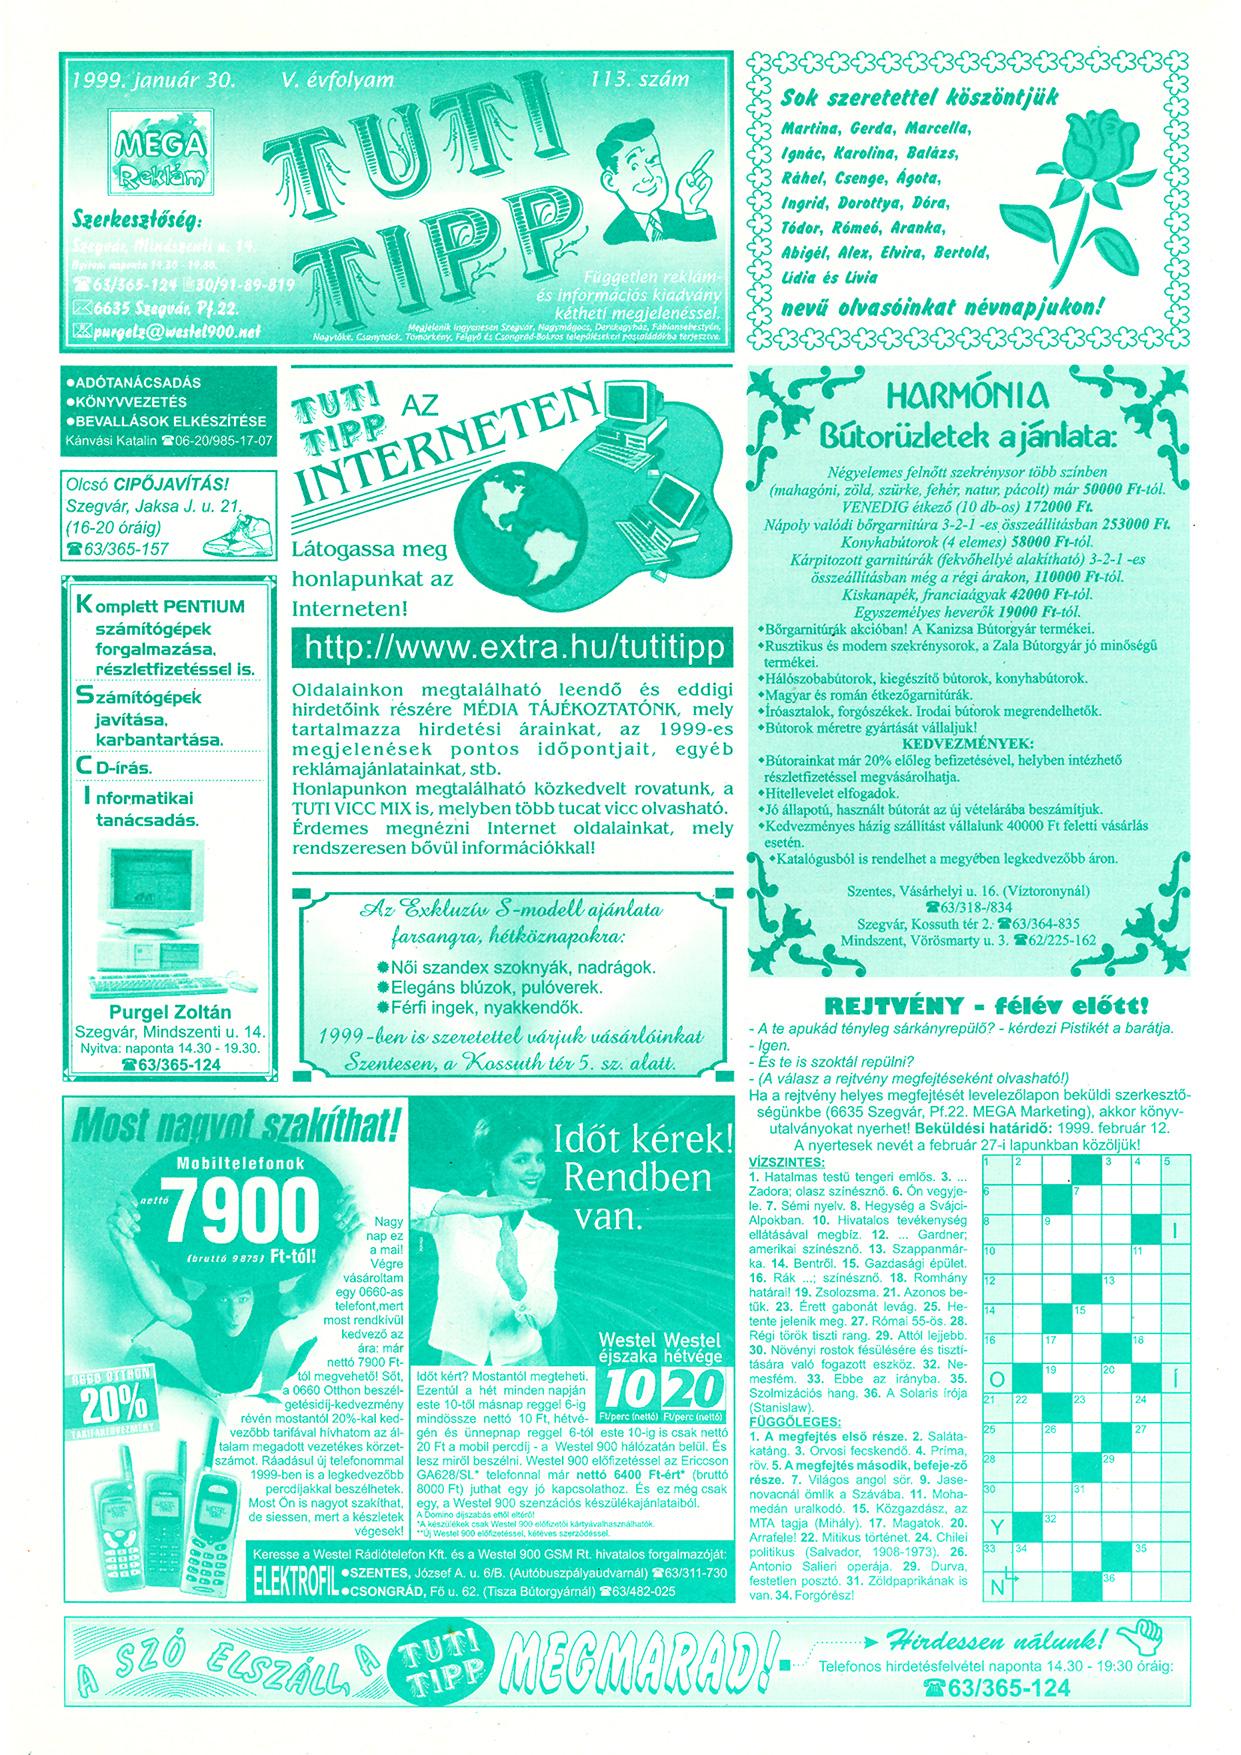 001 Tuti Tipp reklámújság - 19990130-113. lapszám - 1.oldal - V. évfolyam.jpg